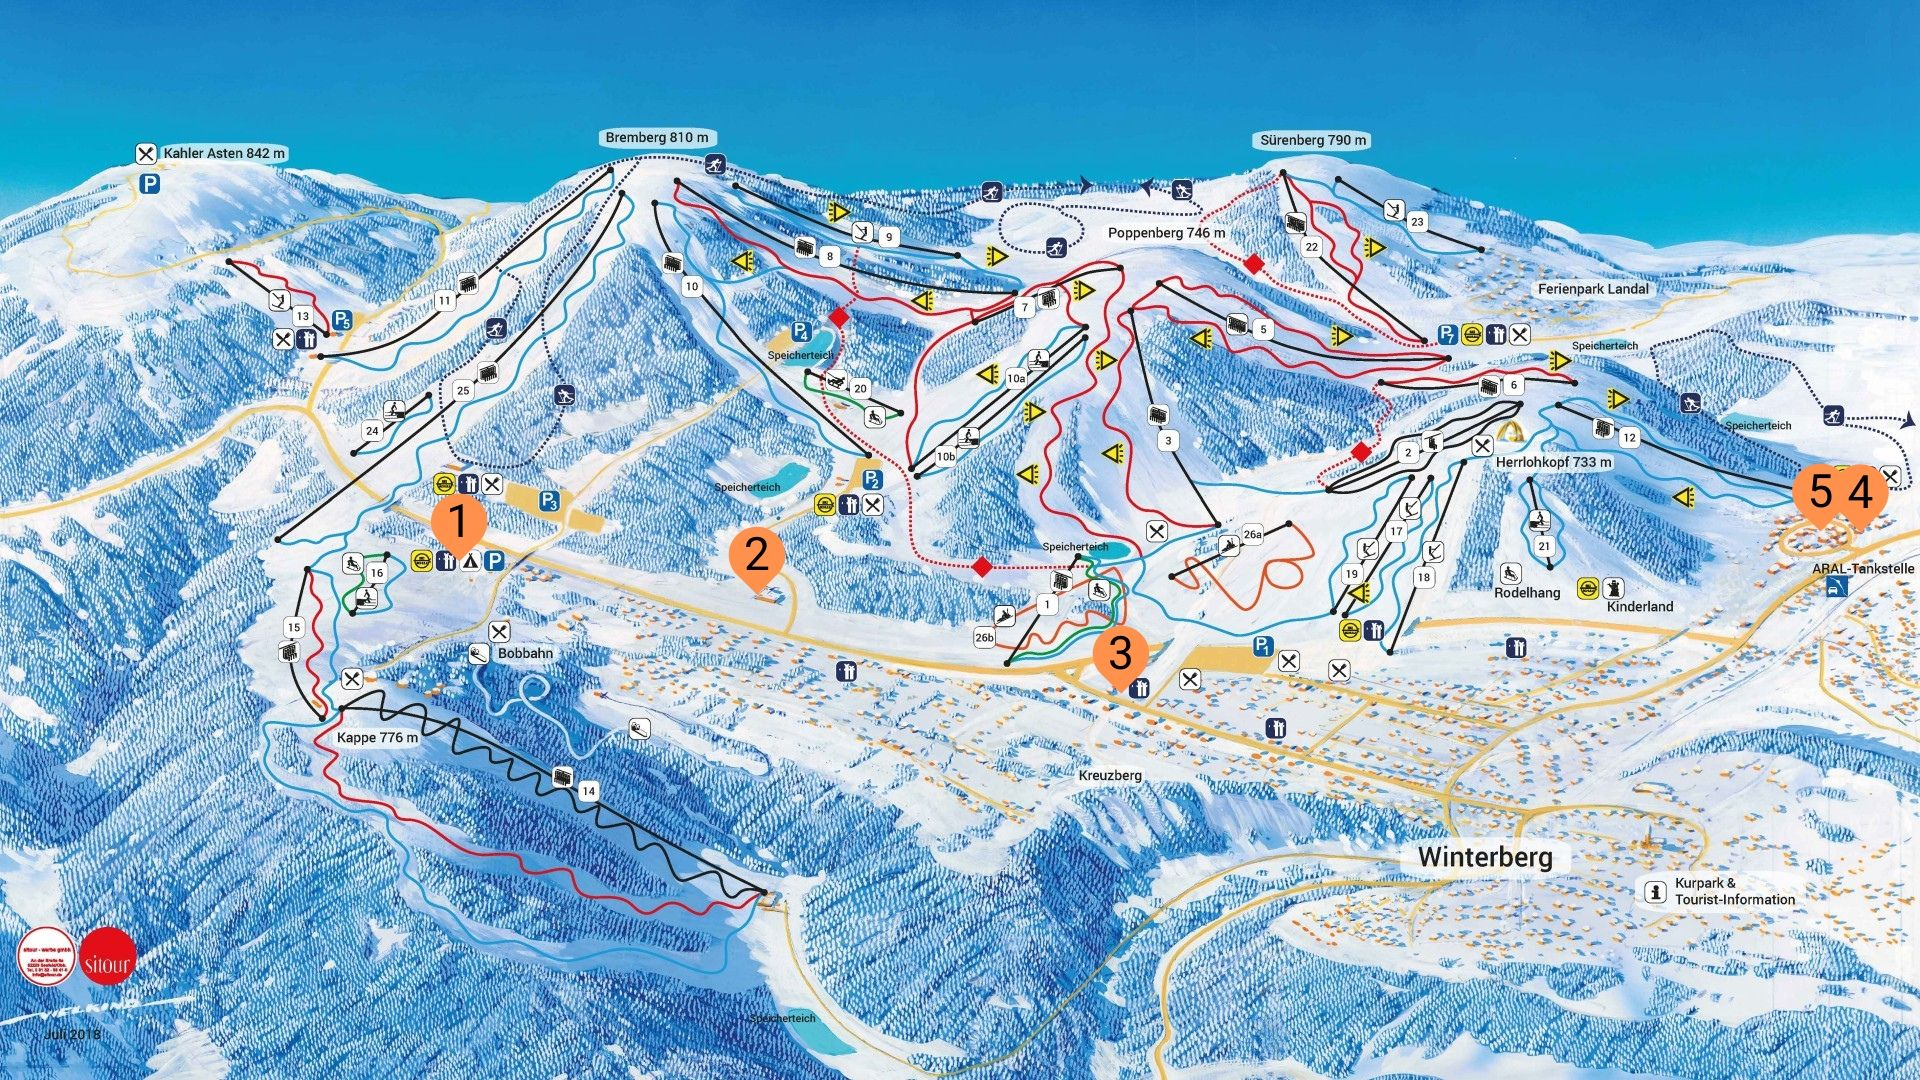 Ski verhuur locaties winterberg dichtbij de liften